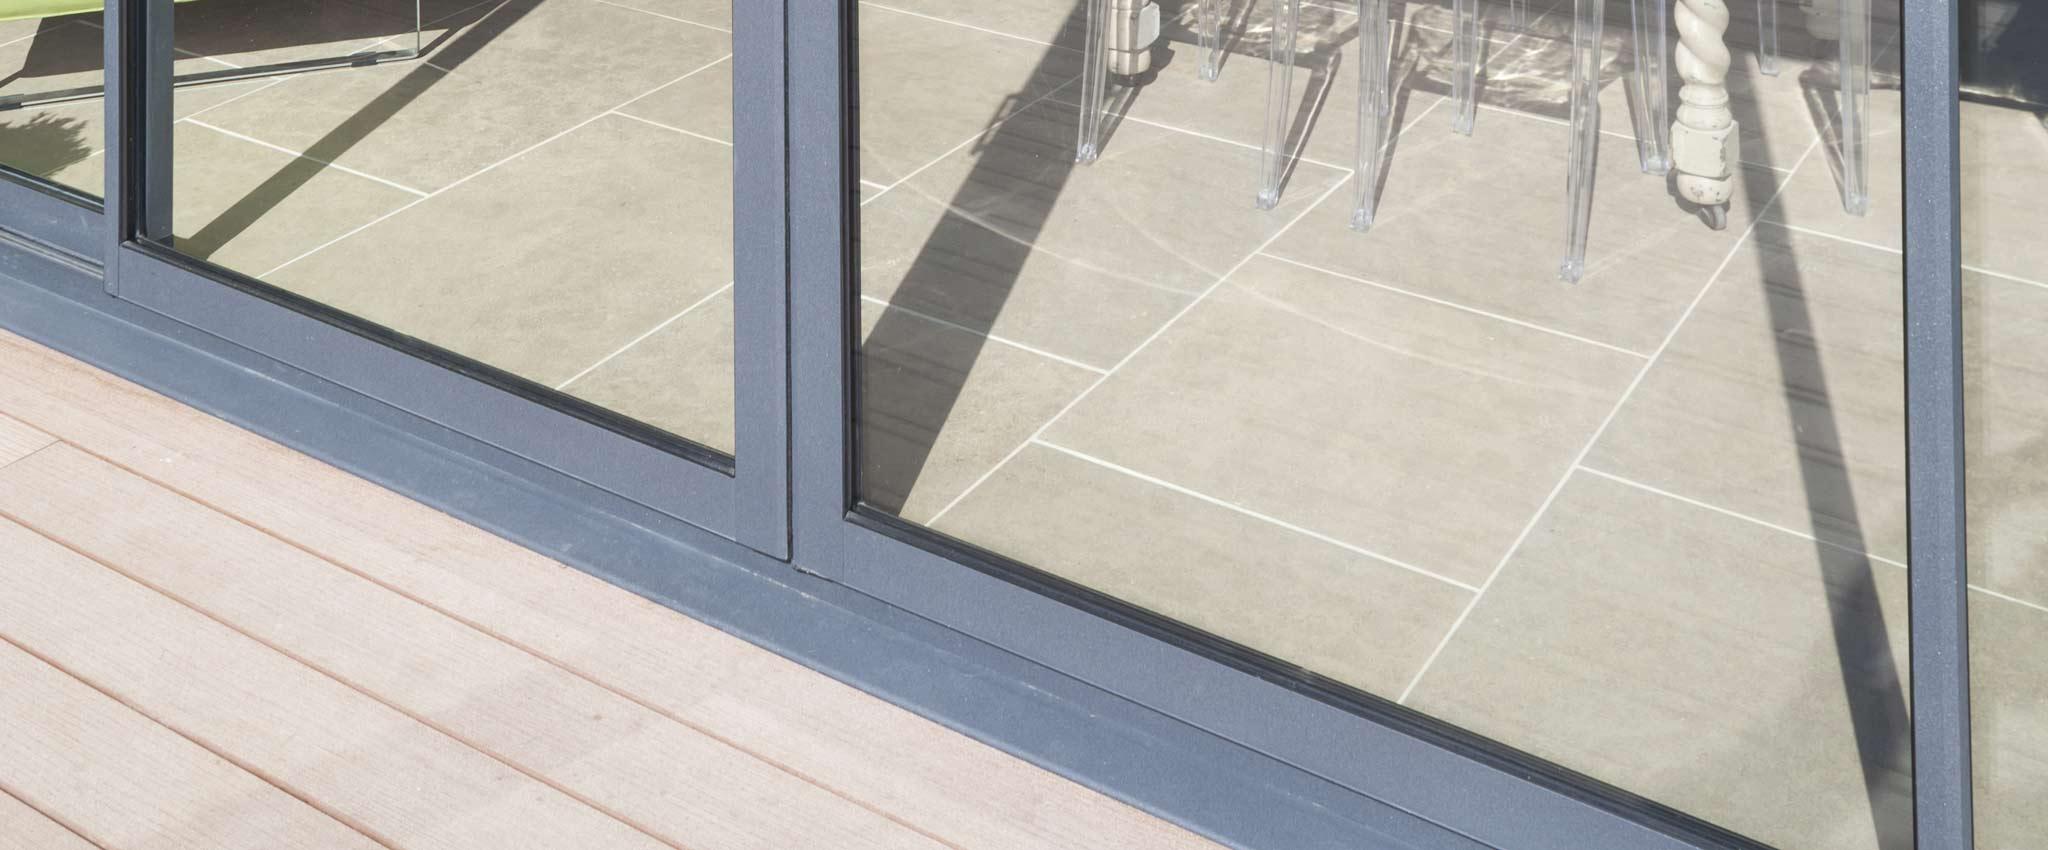 Alihaus Sliding Doors Header Image